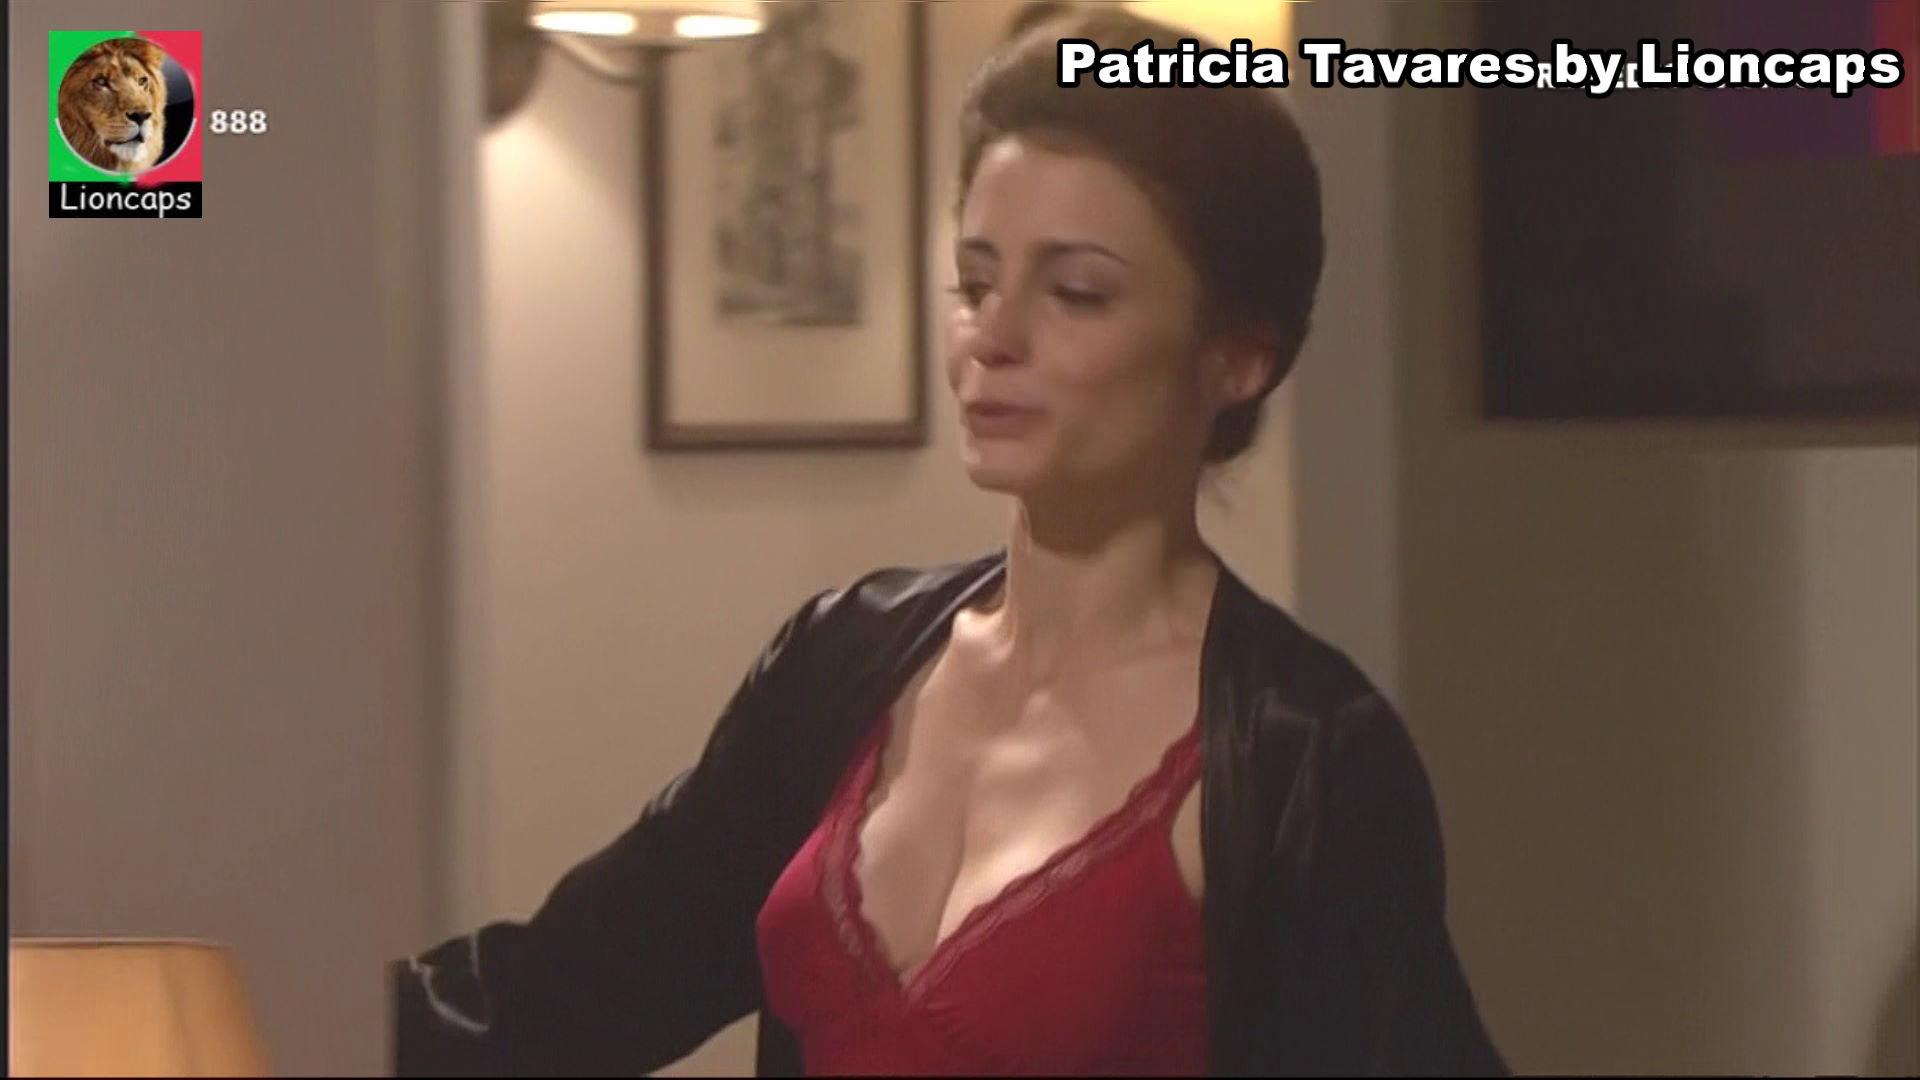 765294356_patricia_tavares_vs181202_1116_122_21lo.JPG